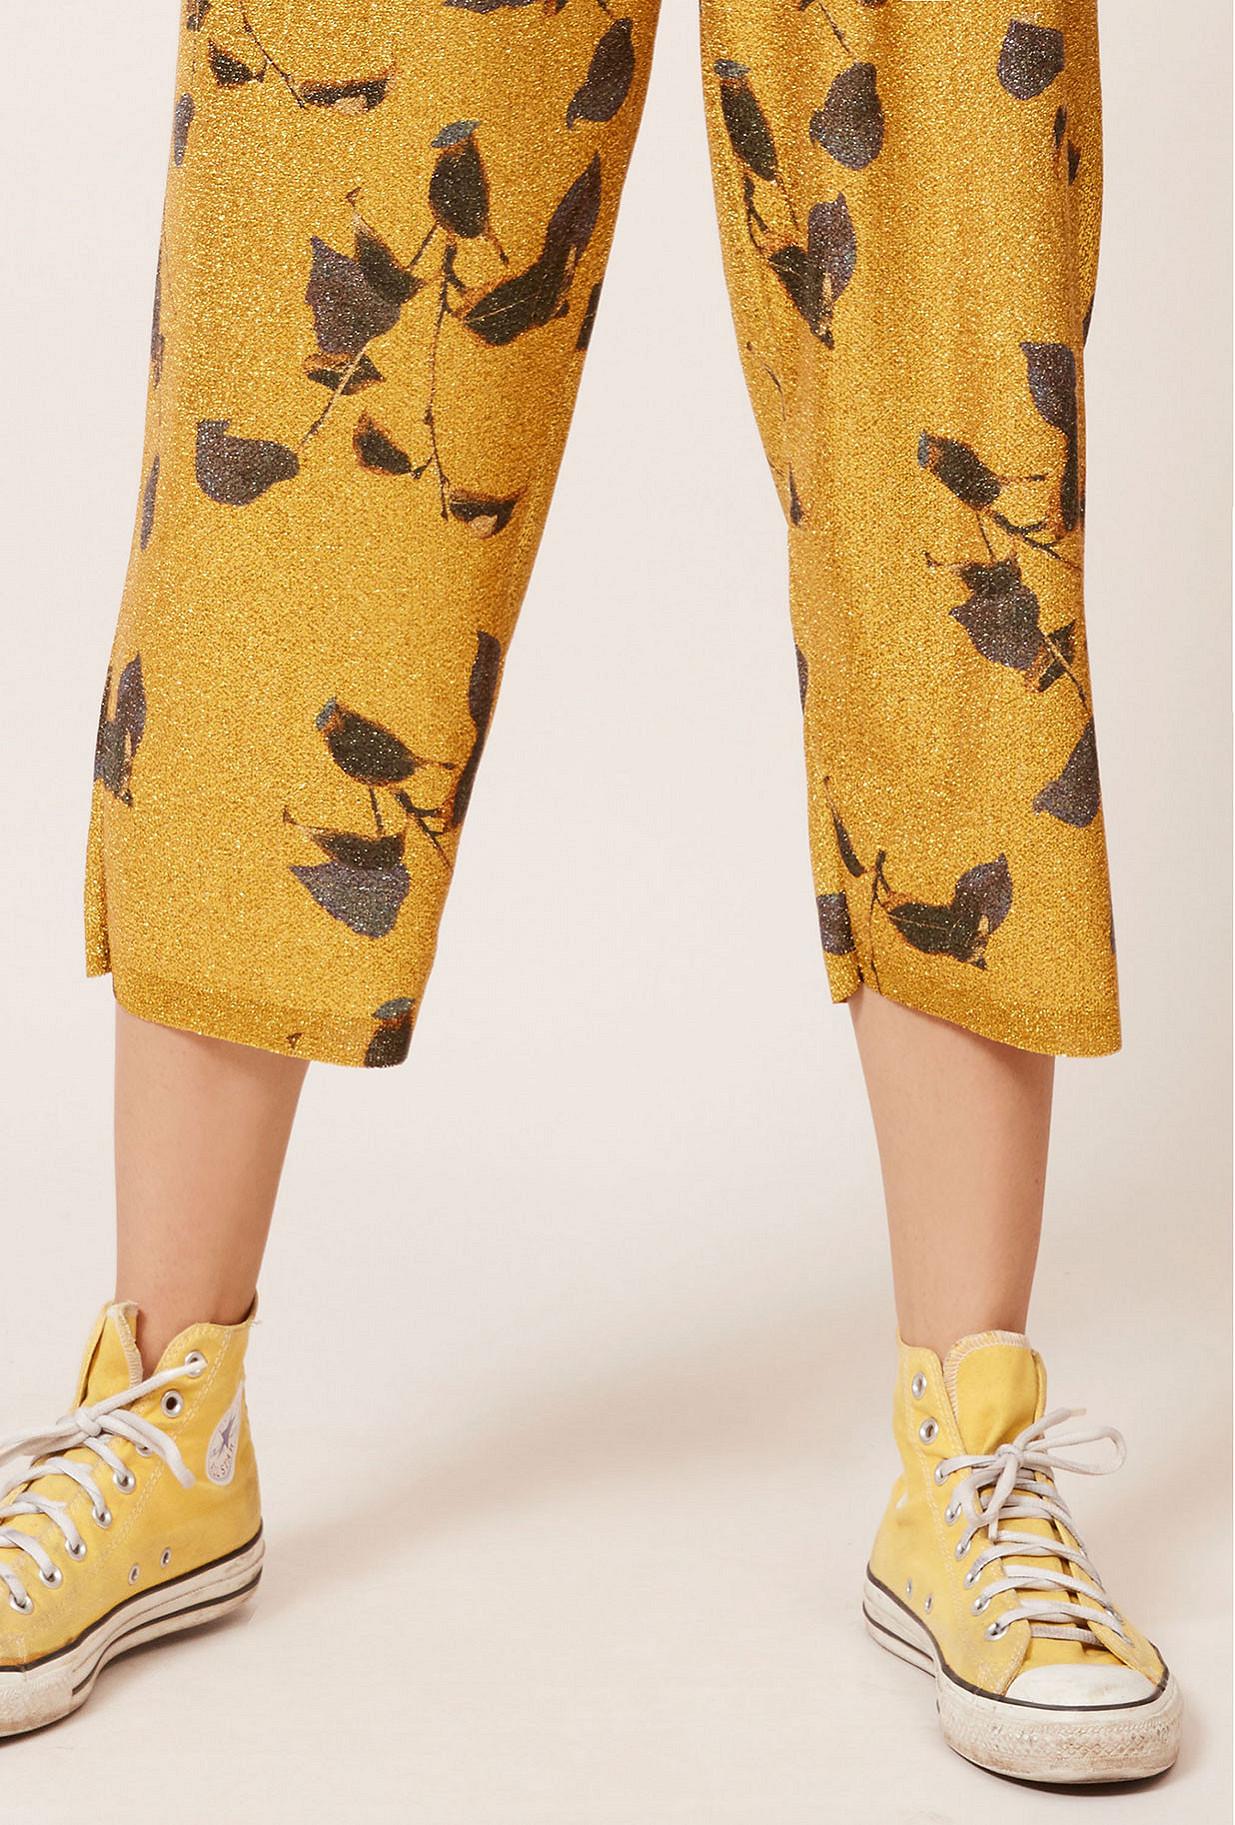 Gold  Pant  Gordon Mes demoiselles fashion clothes designer Paris